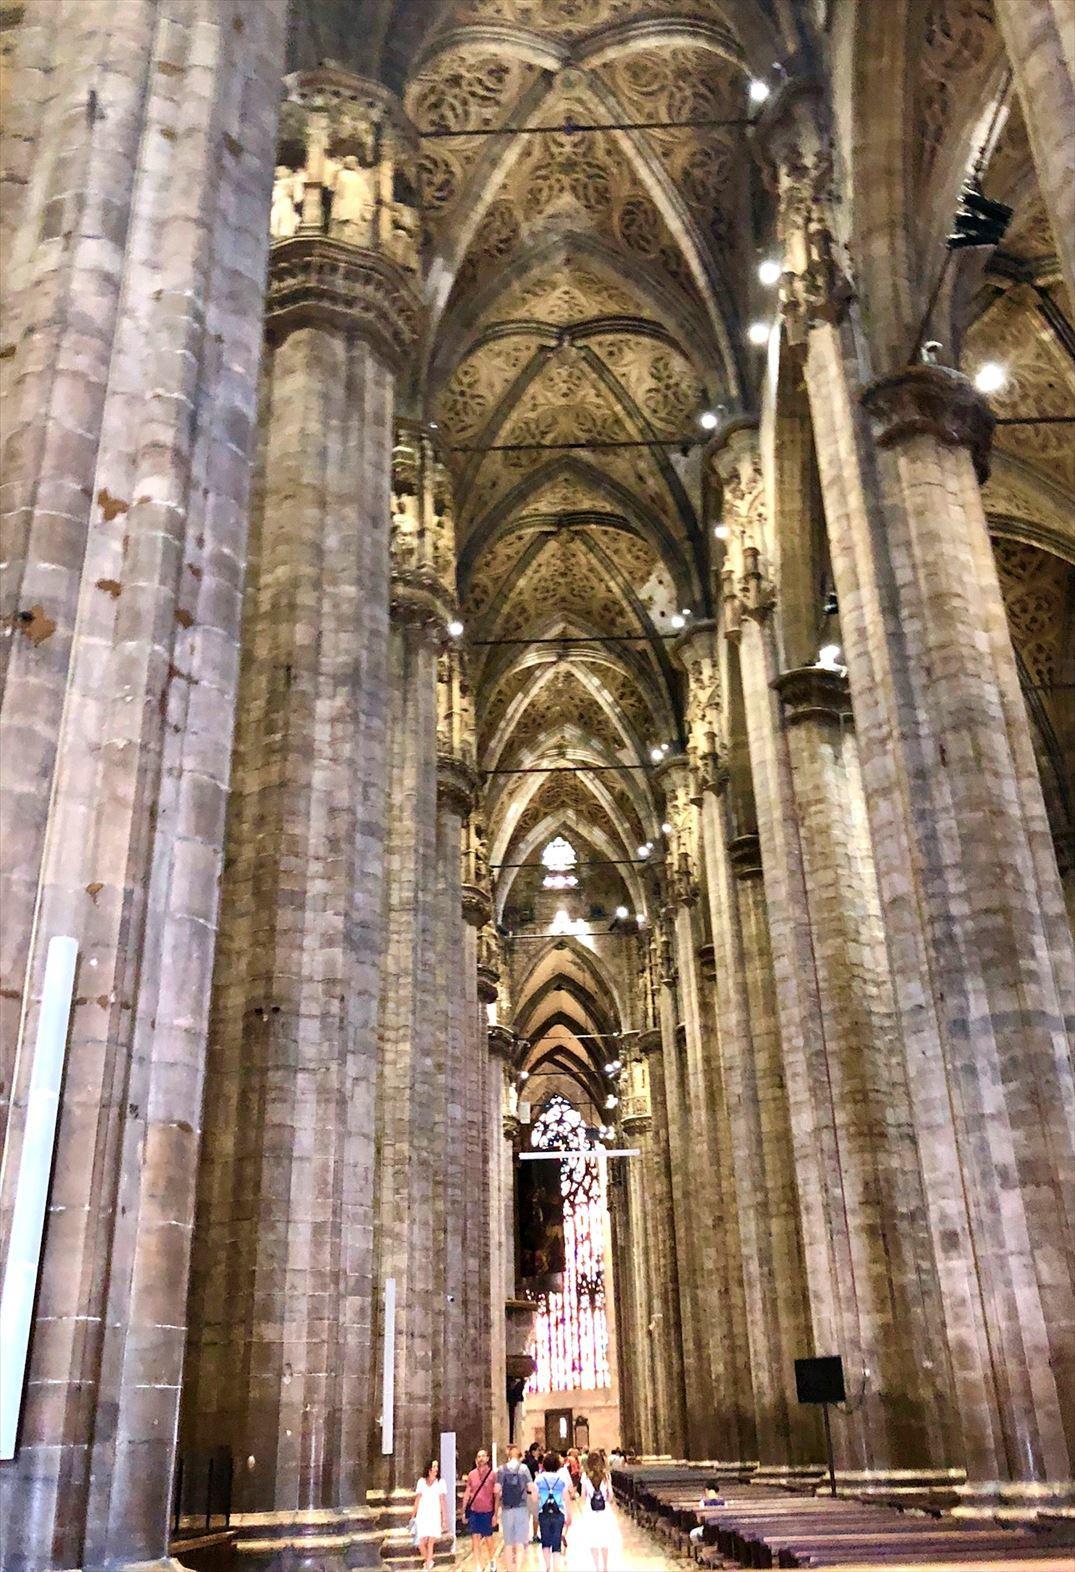 シチリア/44  荘厳なミラノ大聖堂 Ⅱ_a0092659_18032962.jpg